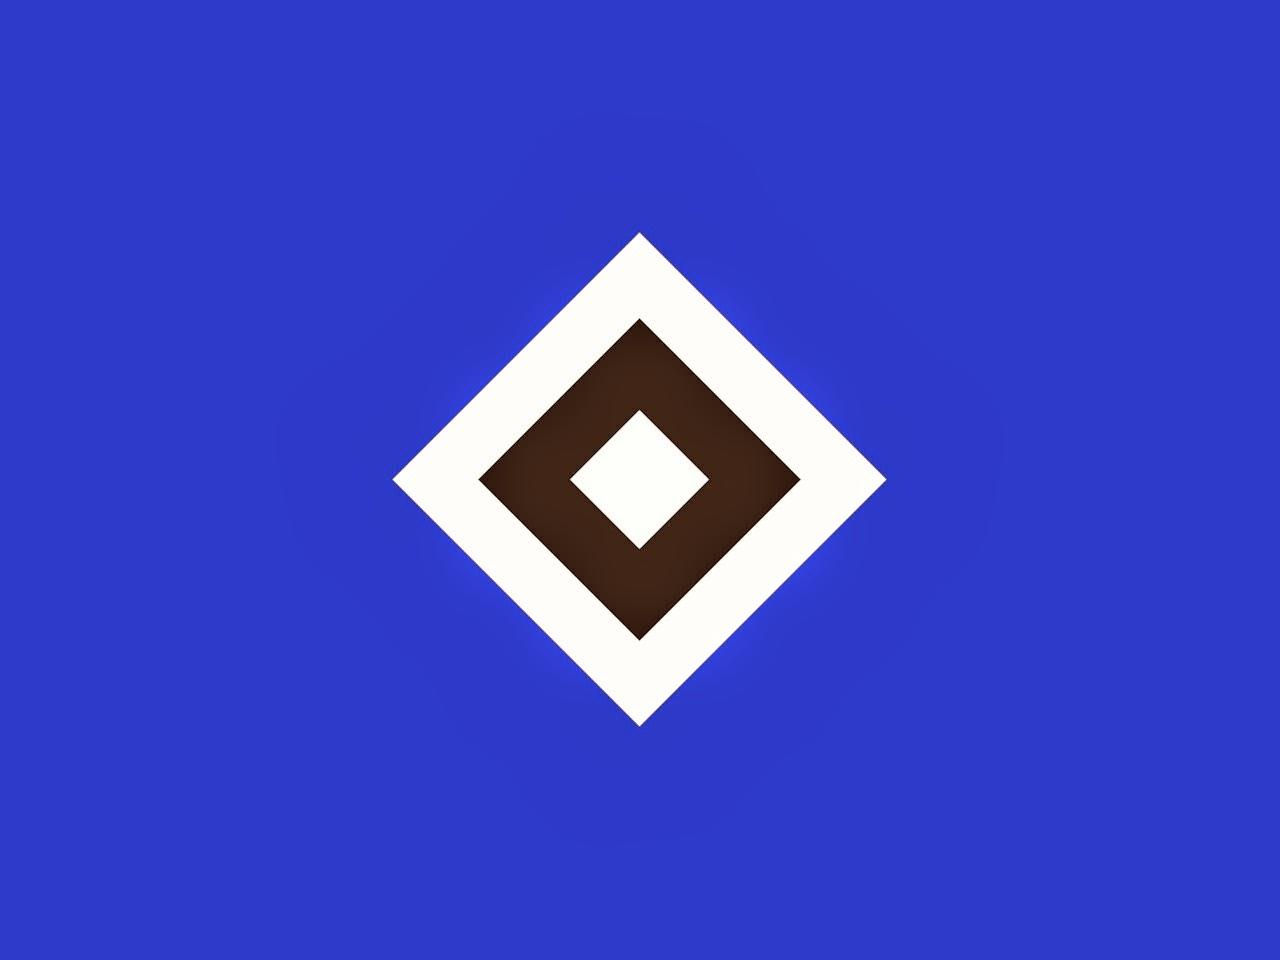 Hsv Logo Wallpaper Hd